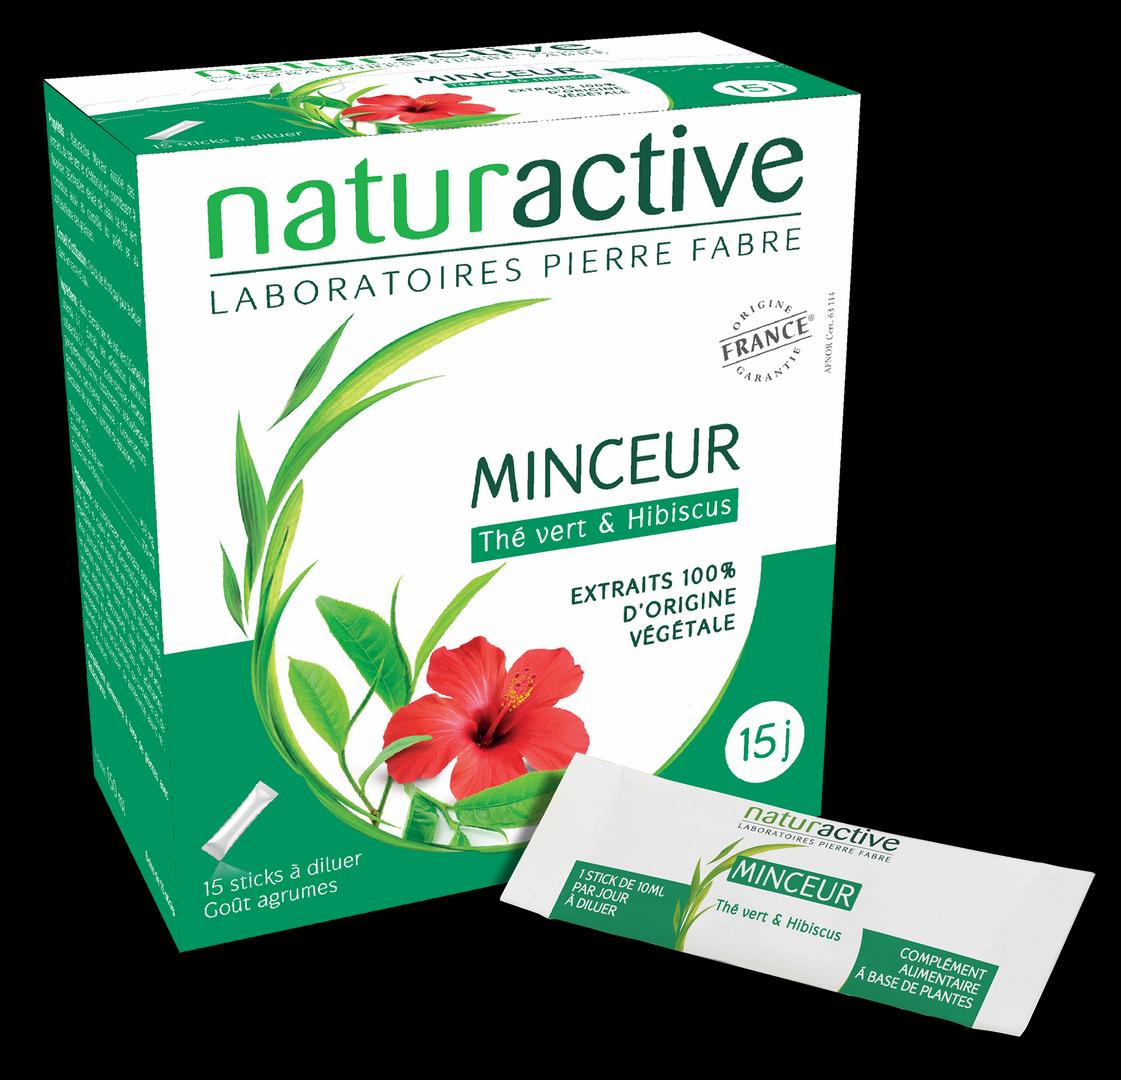 Fluide_Minceur_so_Naturactive (Copier)